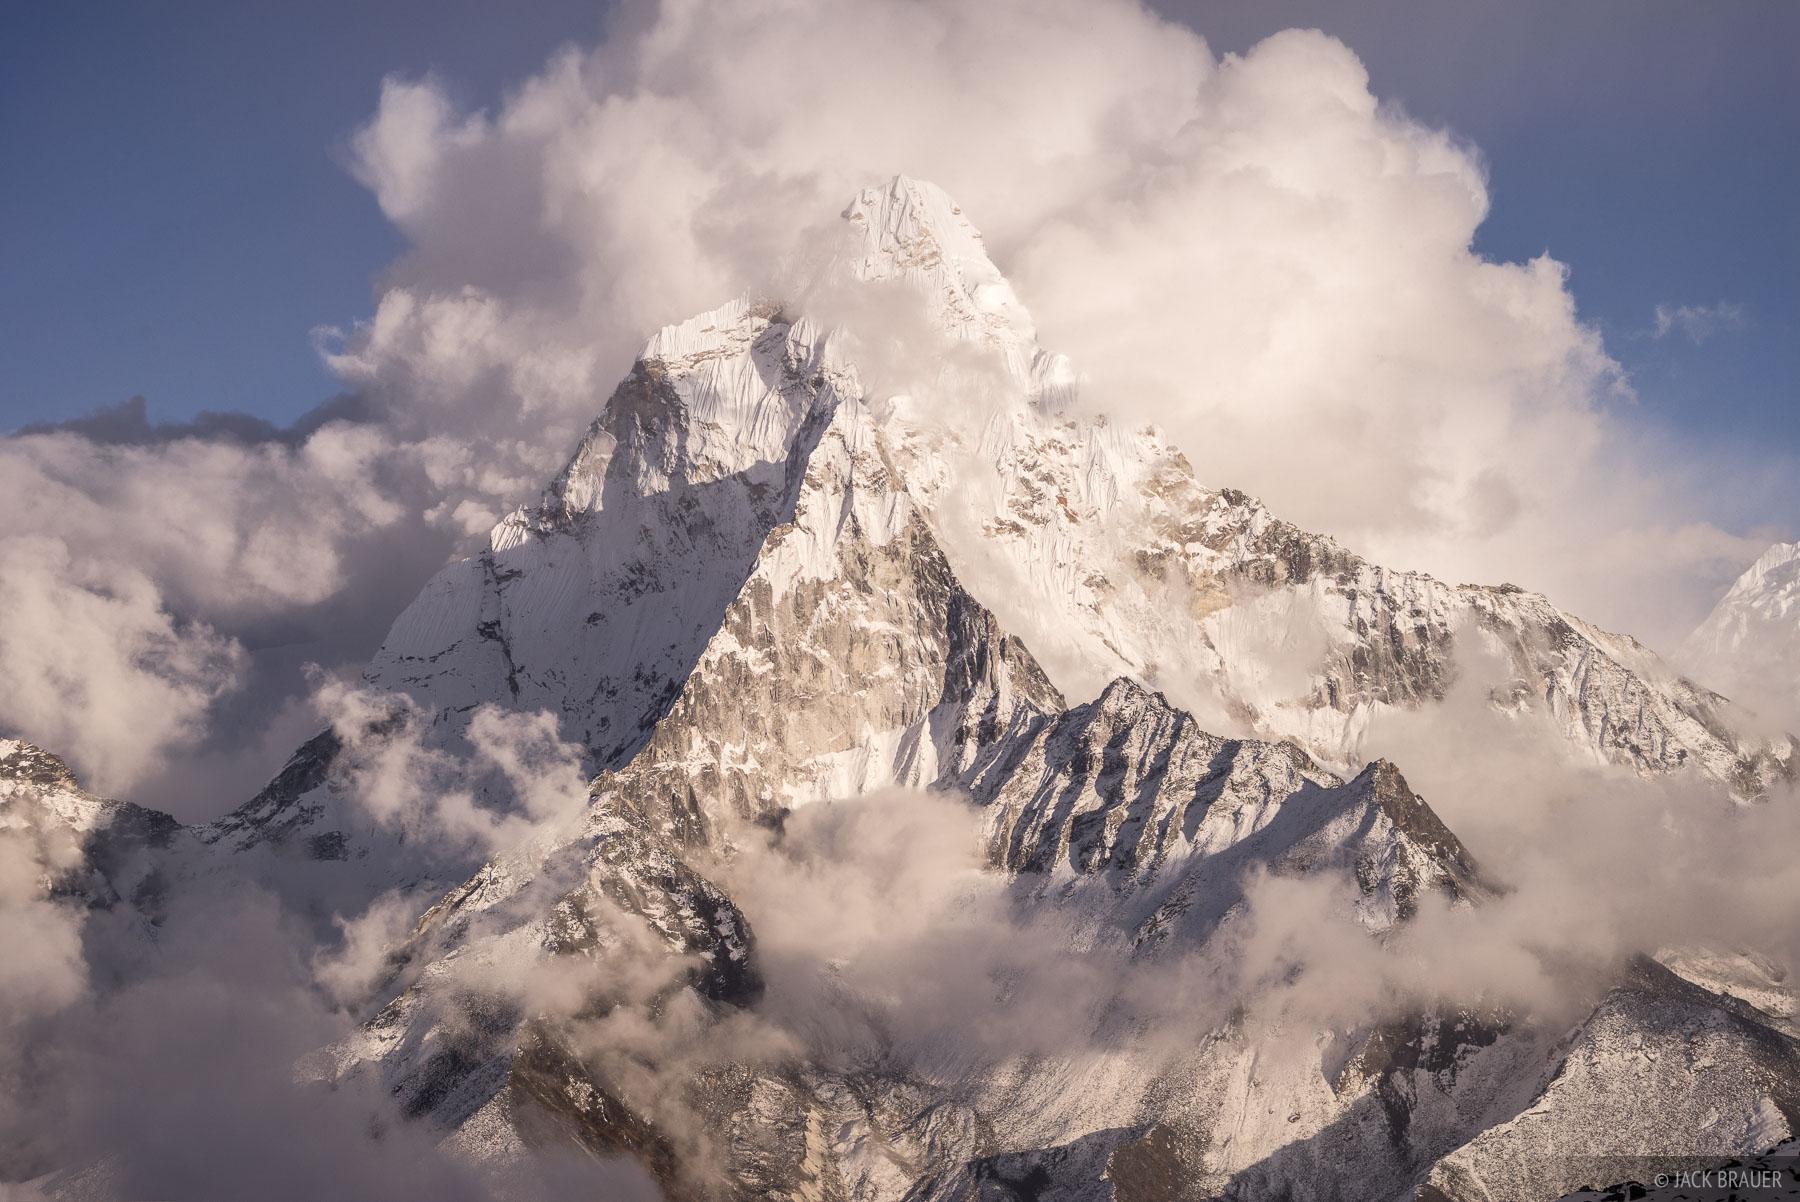 Ama Dablam, Asia, Himalaya, Khumbu, Nepal, photo